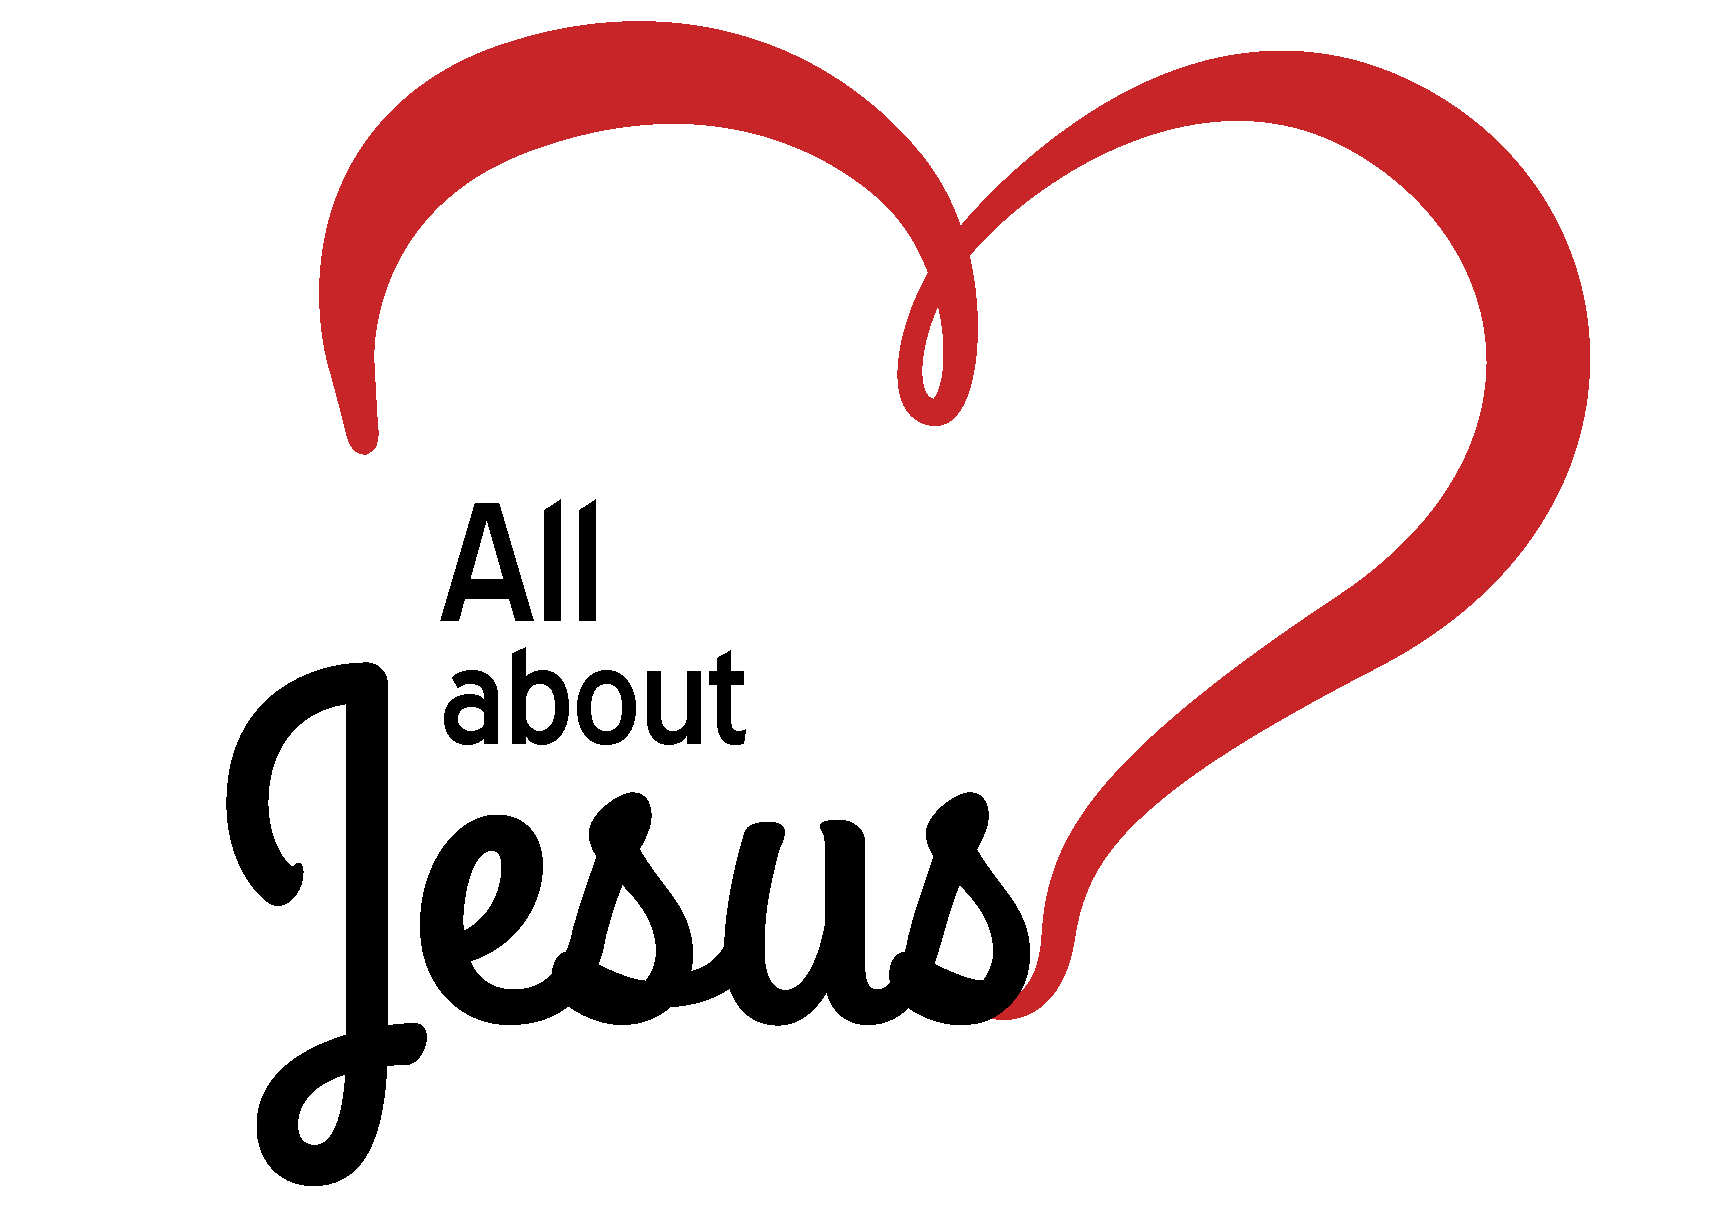 Evangelisten Lee Venden kommer från USA (www.allaboutjesusseminars.org) till Örebro, 3-7 juni. Möten med fokus på Jesus och hur han längtar efter att vi ska fördjupa vår relation med honom!